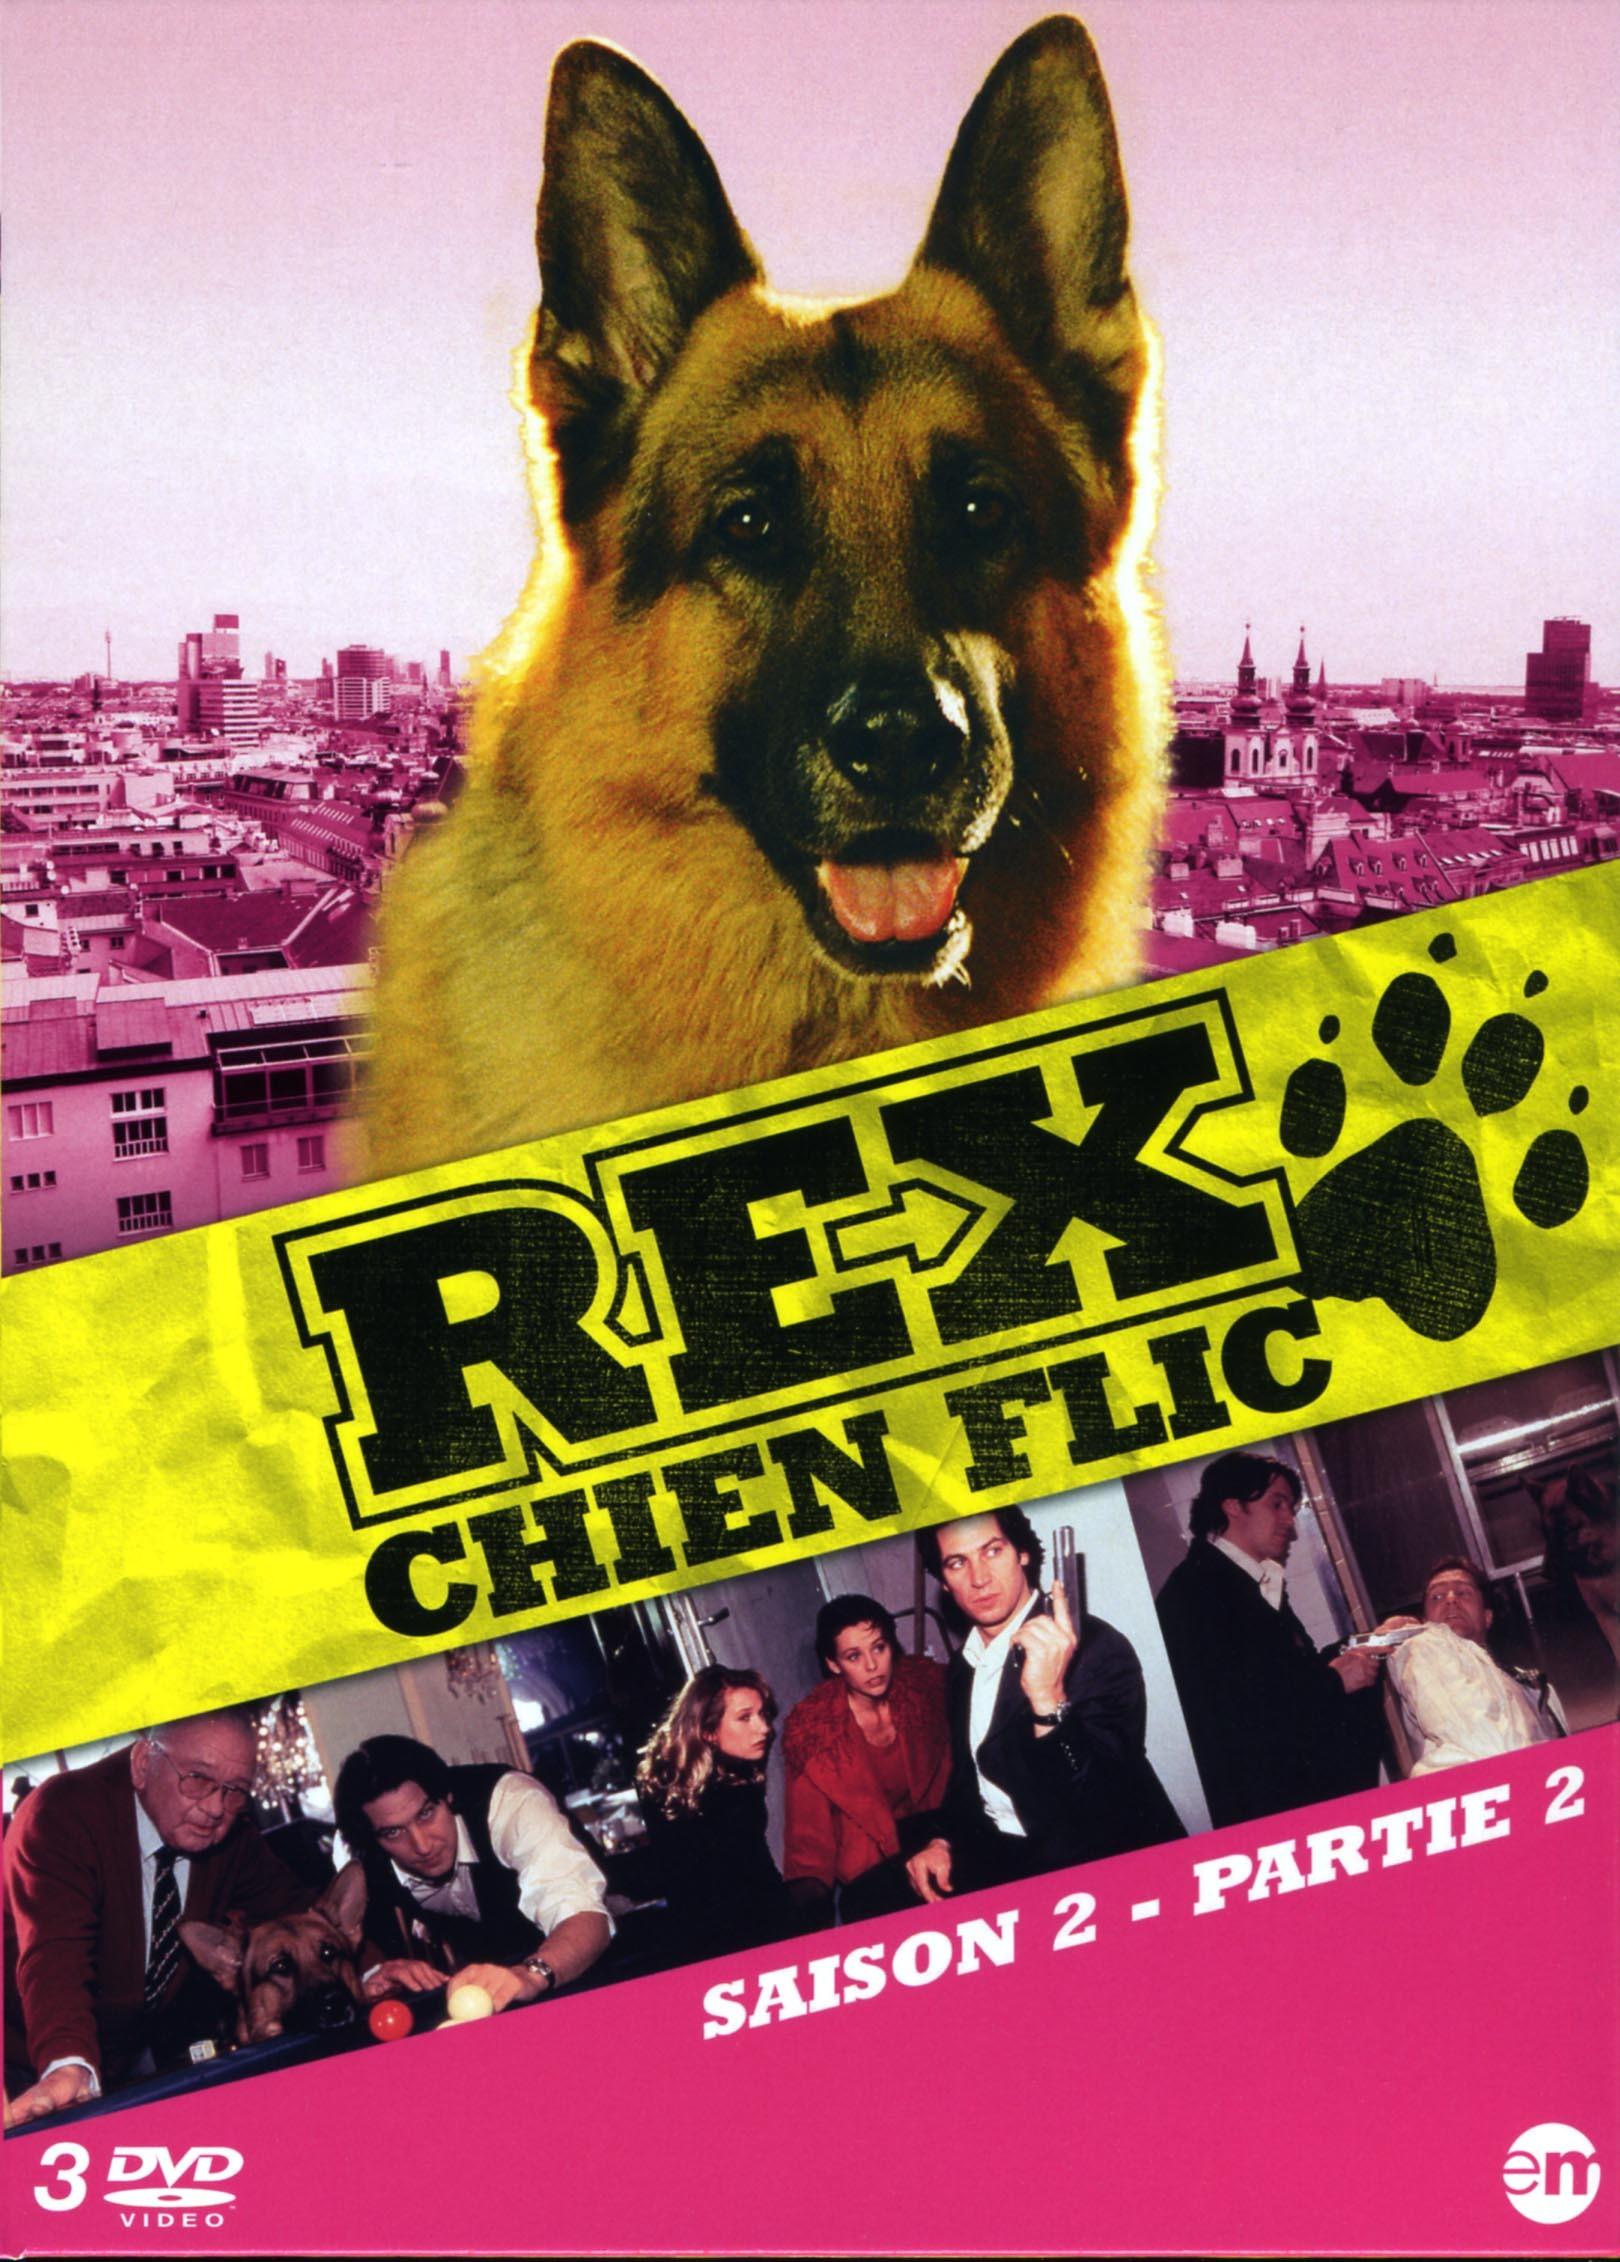 REX CHIEN FLIC S2 P2 - 3 DVD